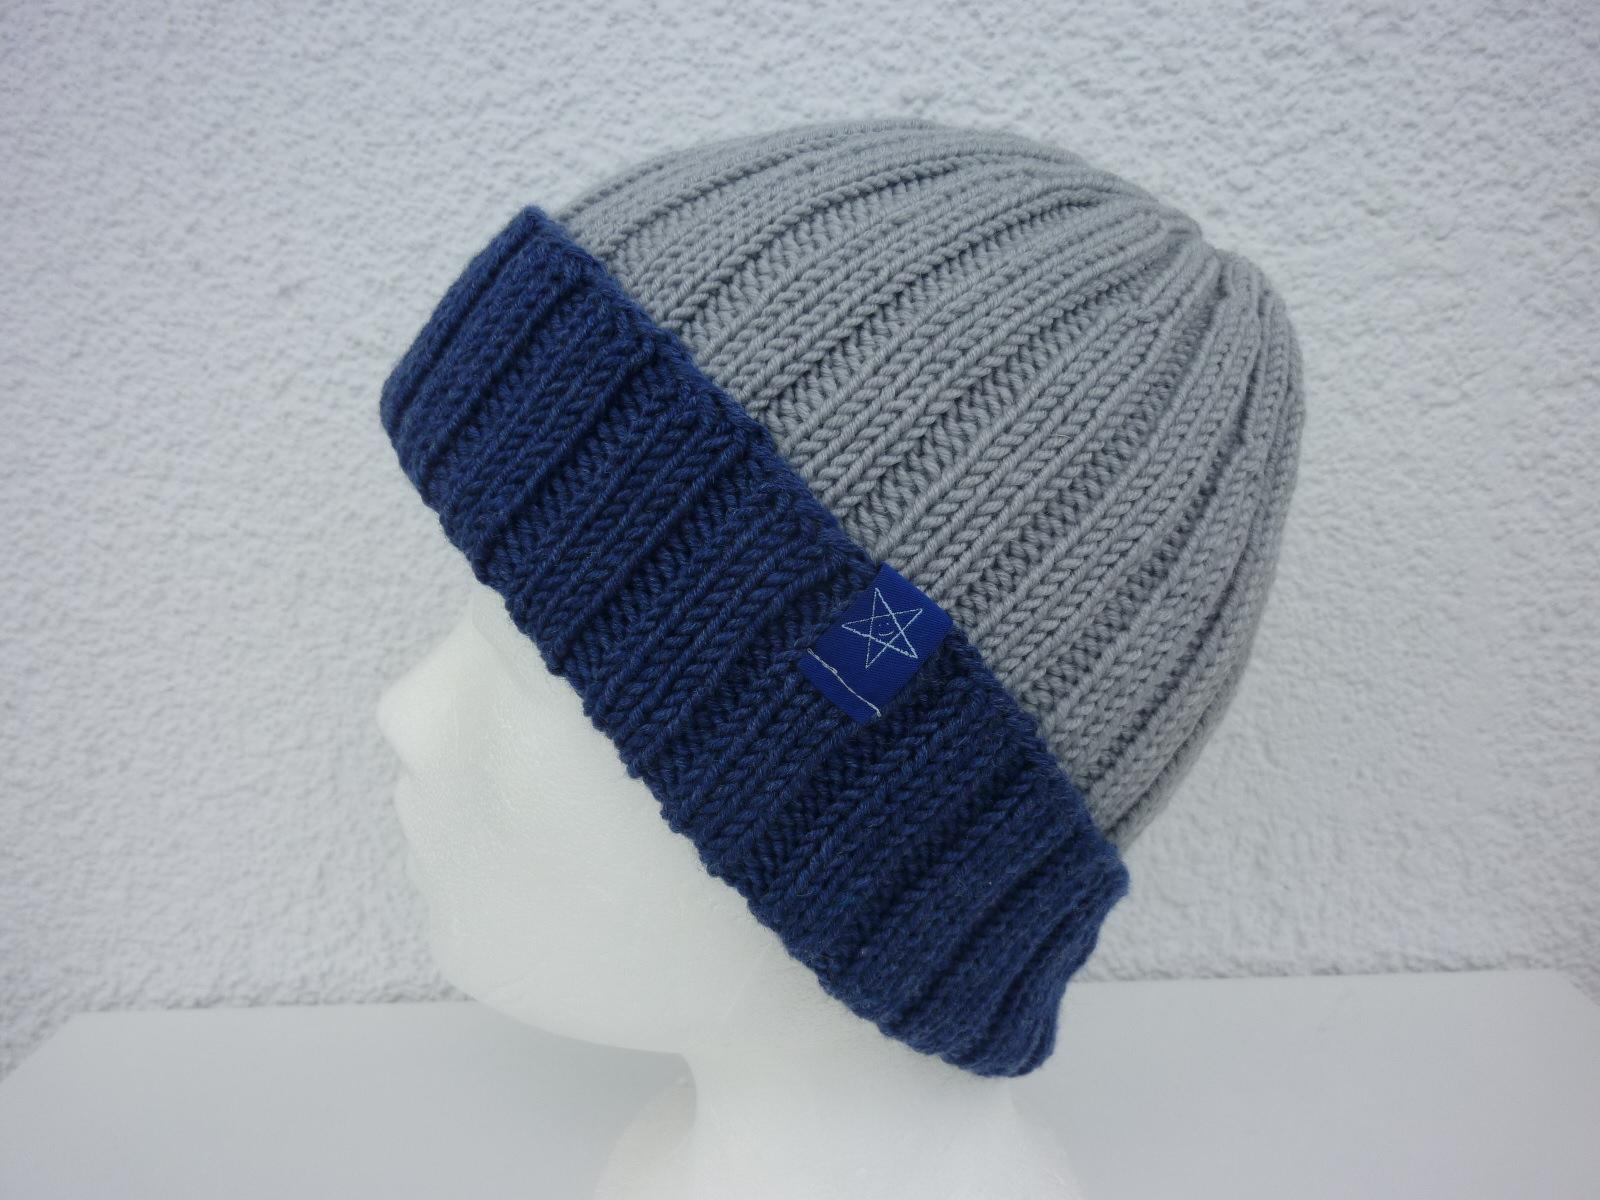 Kleinesbild - Strickmütze Hellgrau und Jeansblau rundgestrickt aus Schurwolle